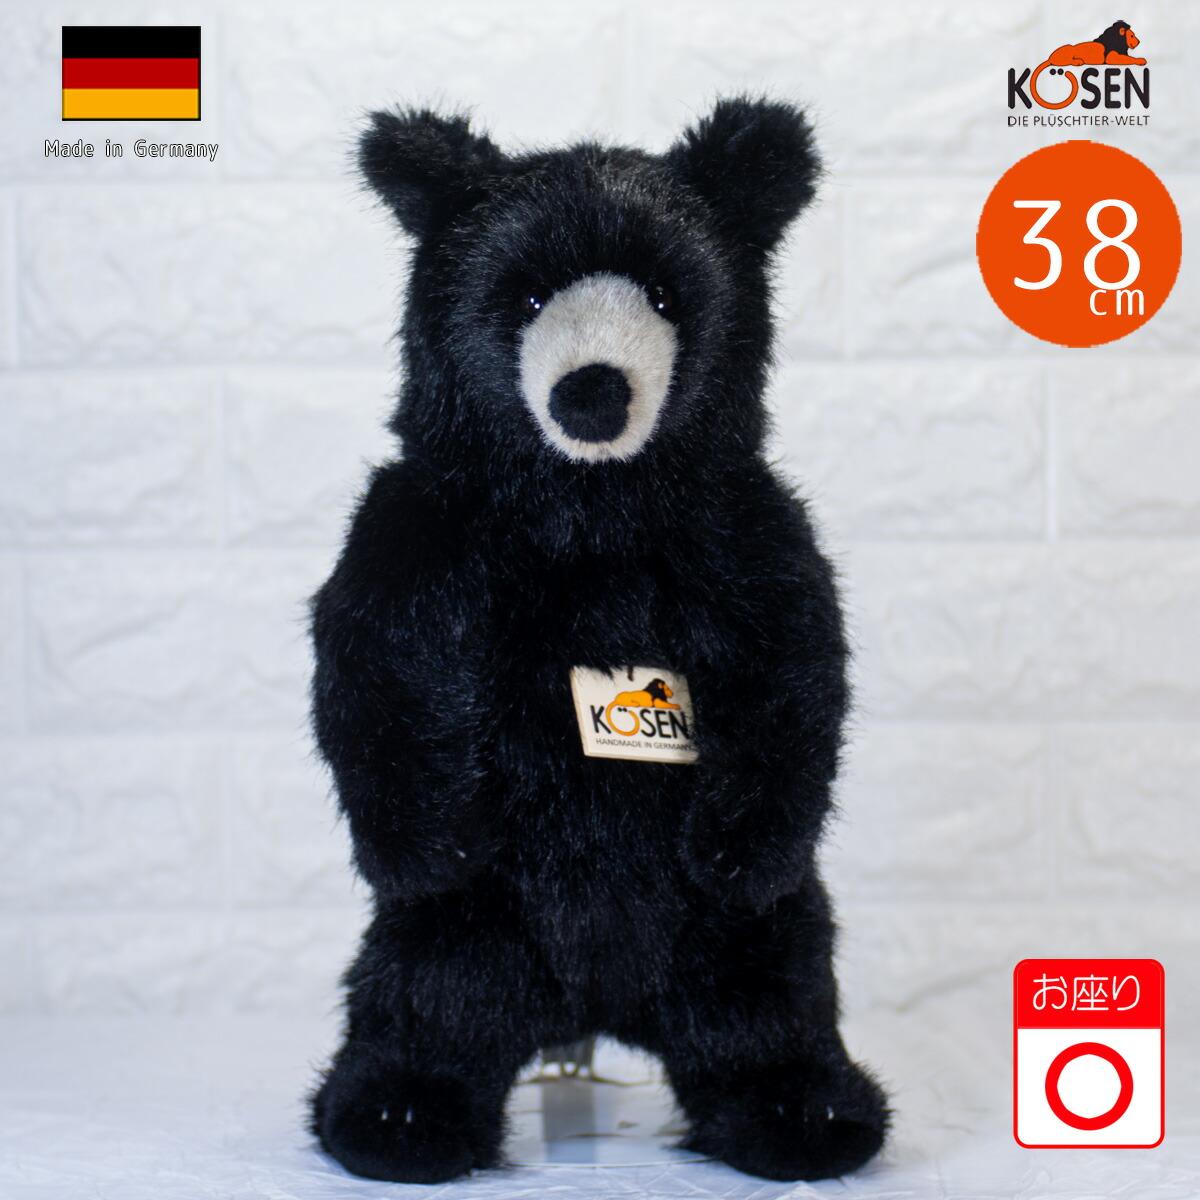 ケーセン ぬいぐるみ kosen ブラックベア(小) Black Bear(Small) 38cm クマ くま テディベア リアル 動物